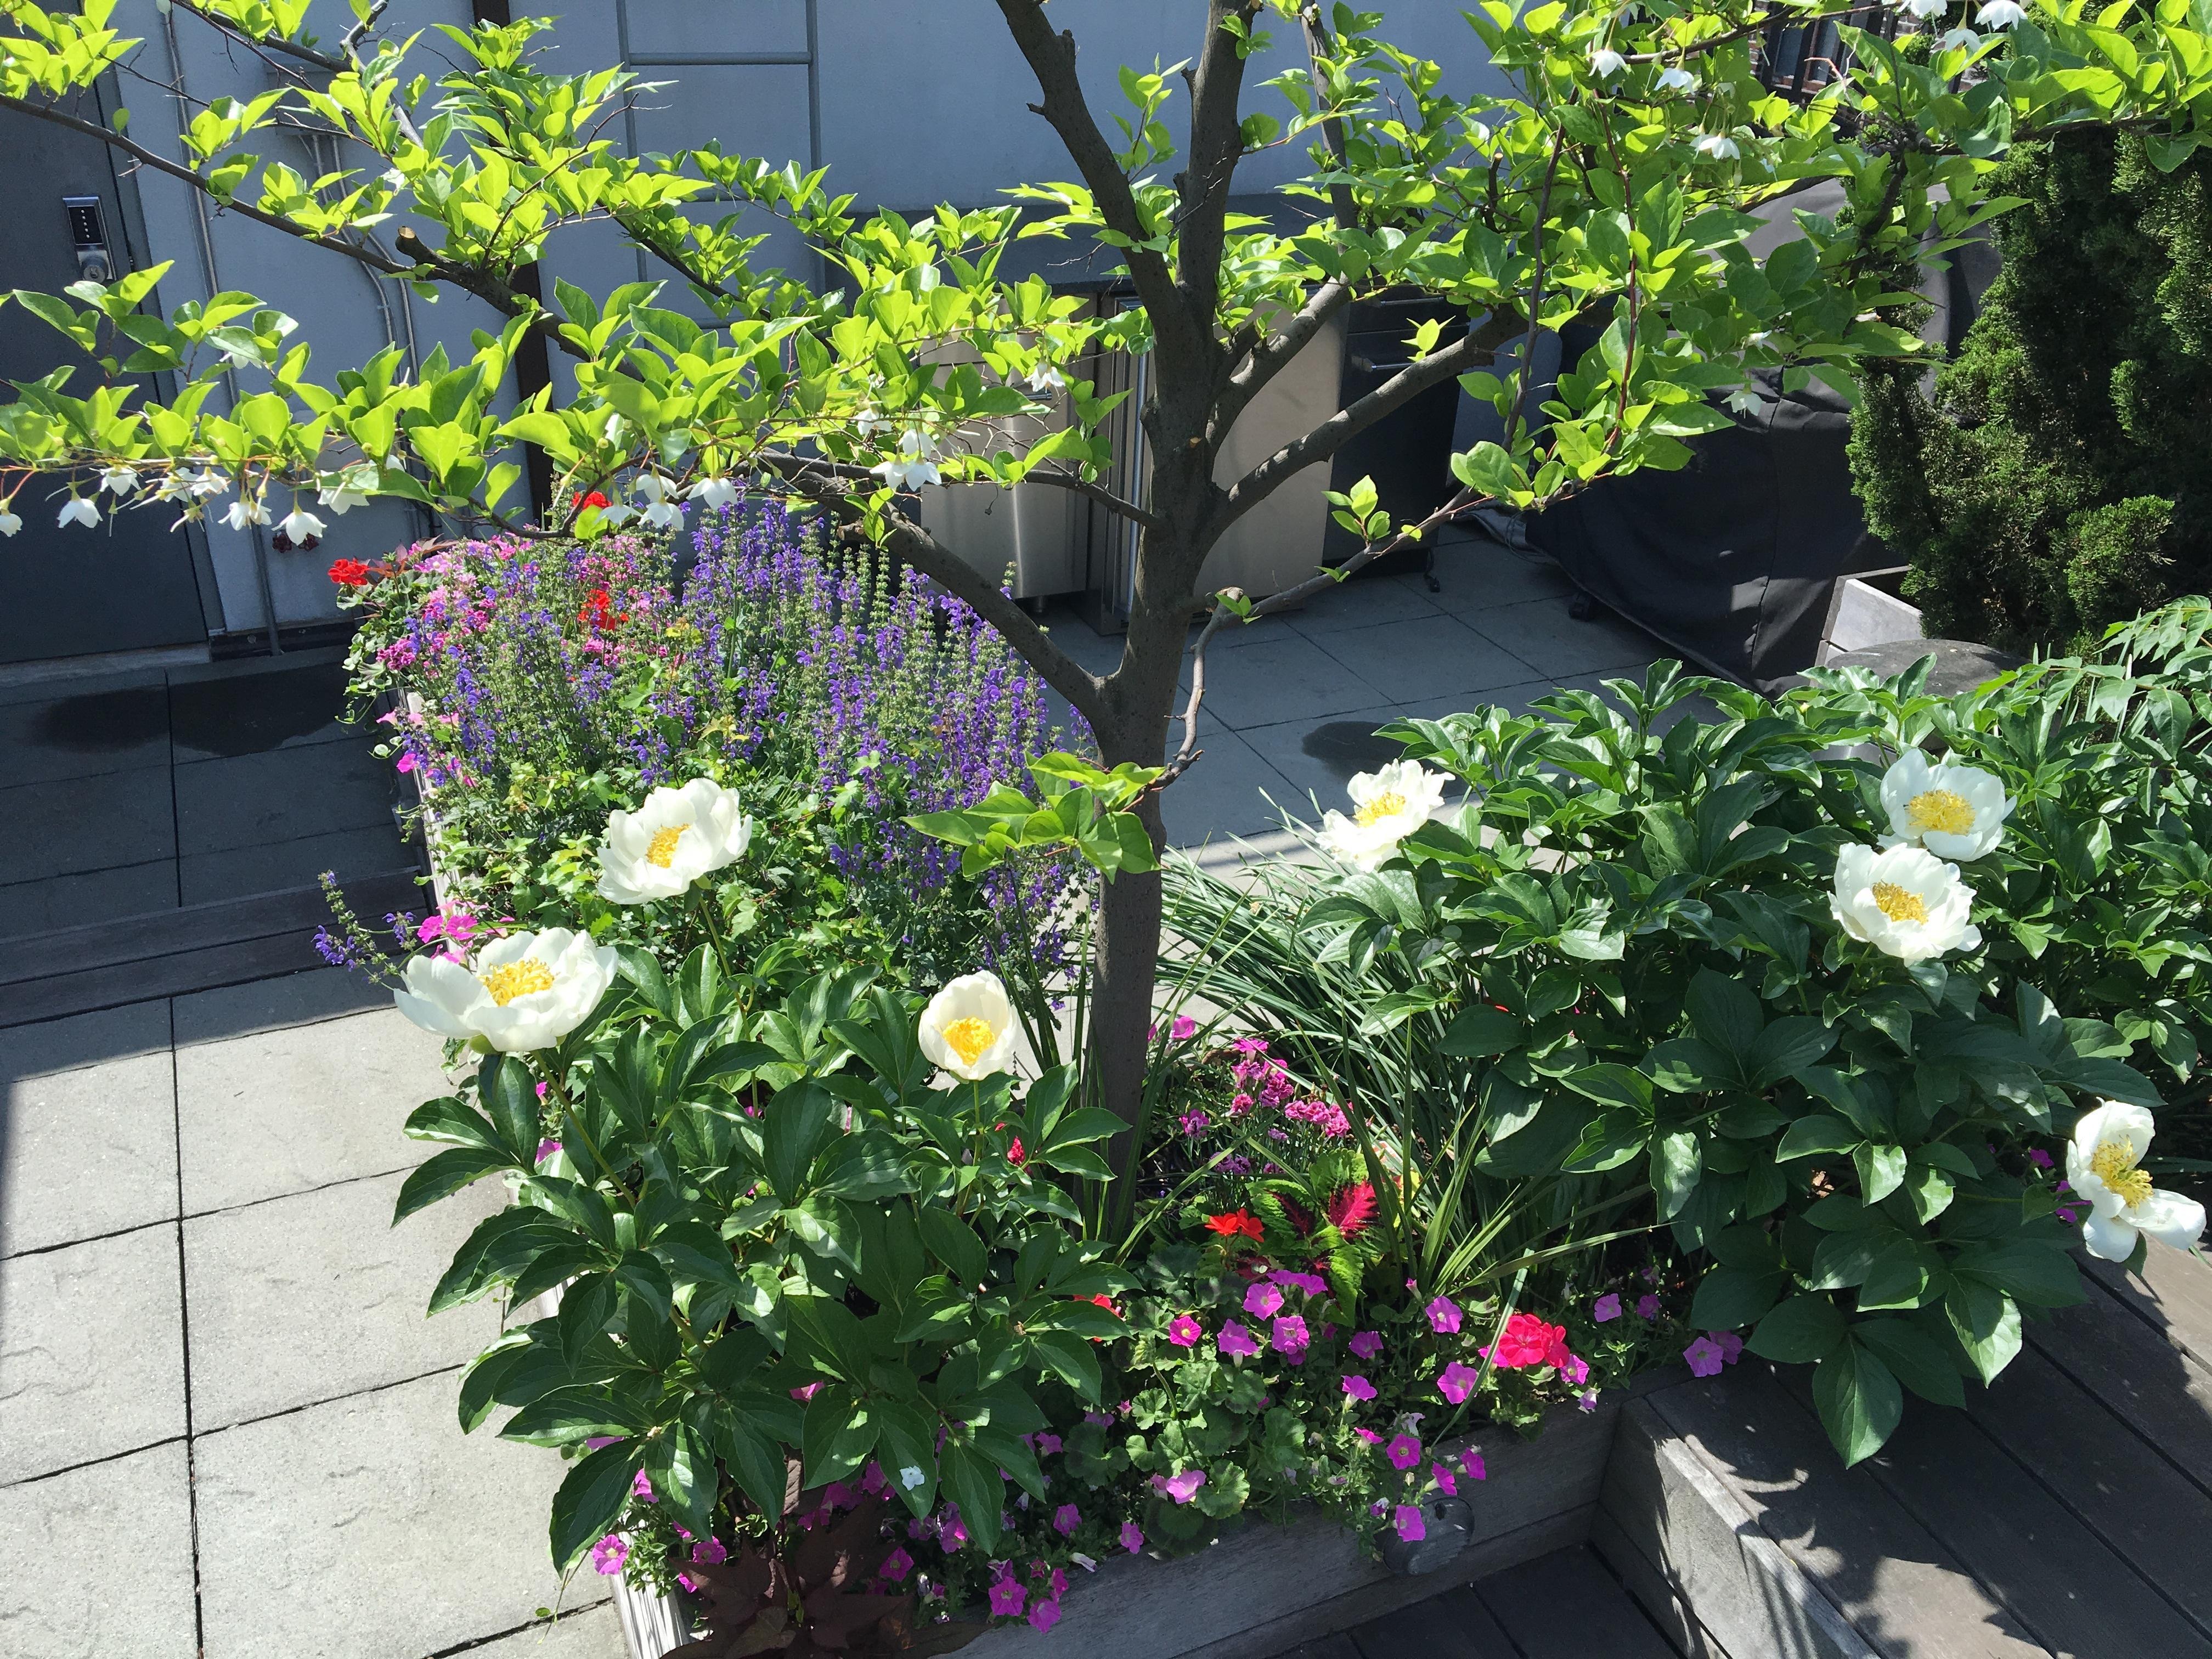 Metropolitan garden design coupons near me in new york for Garden designers near me